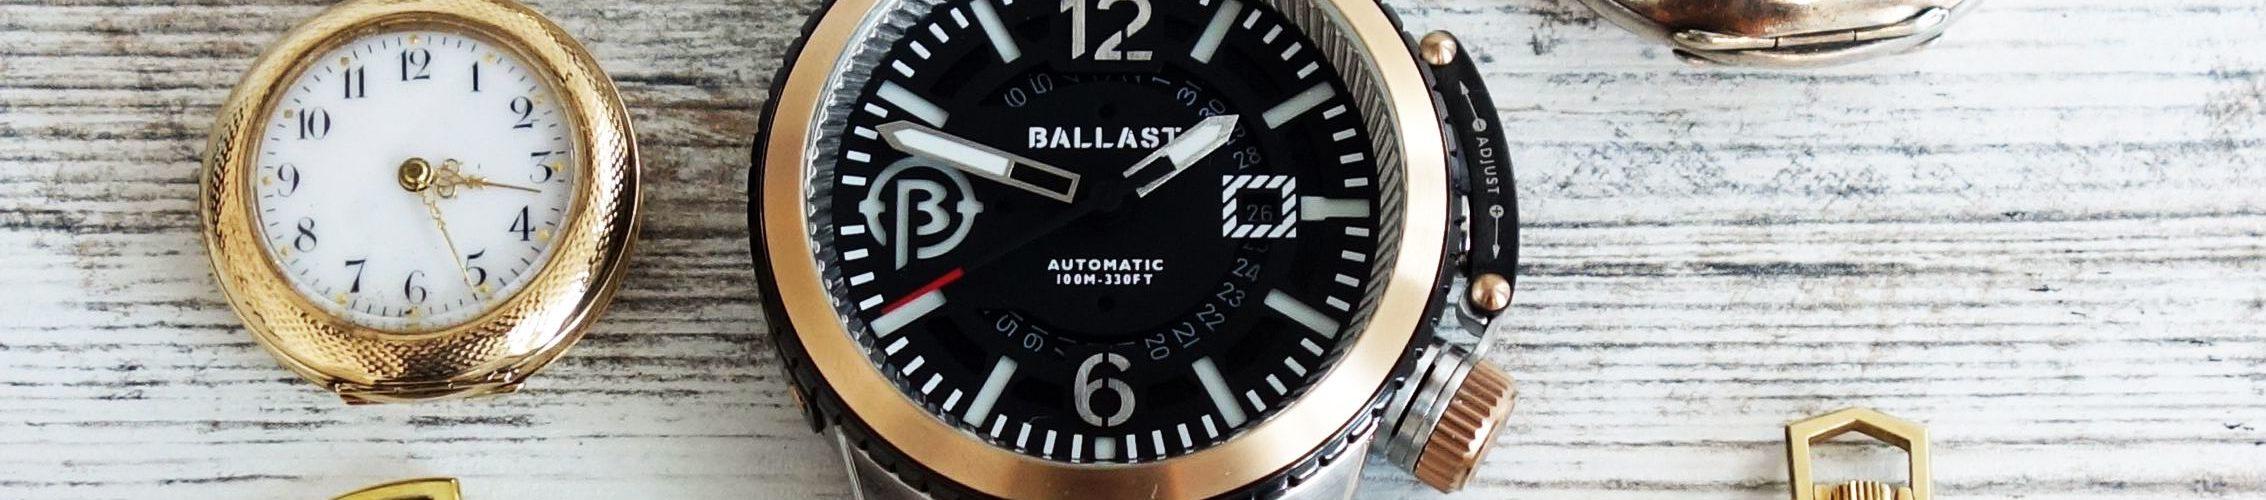 Ballast 1903 Trafalgar BL-3133 Dartmouth Vintage